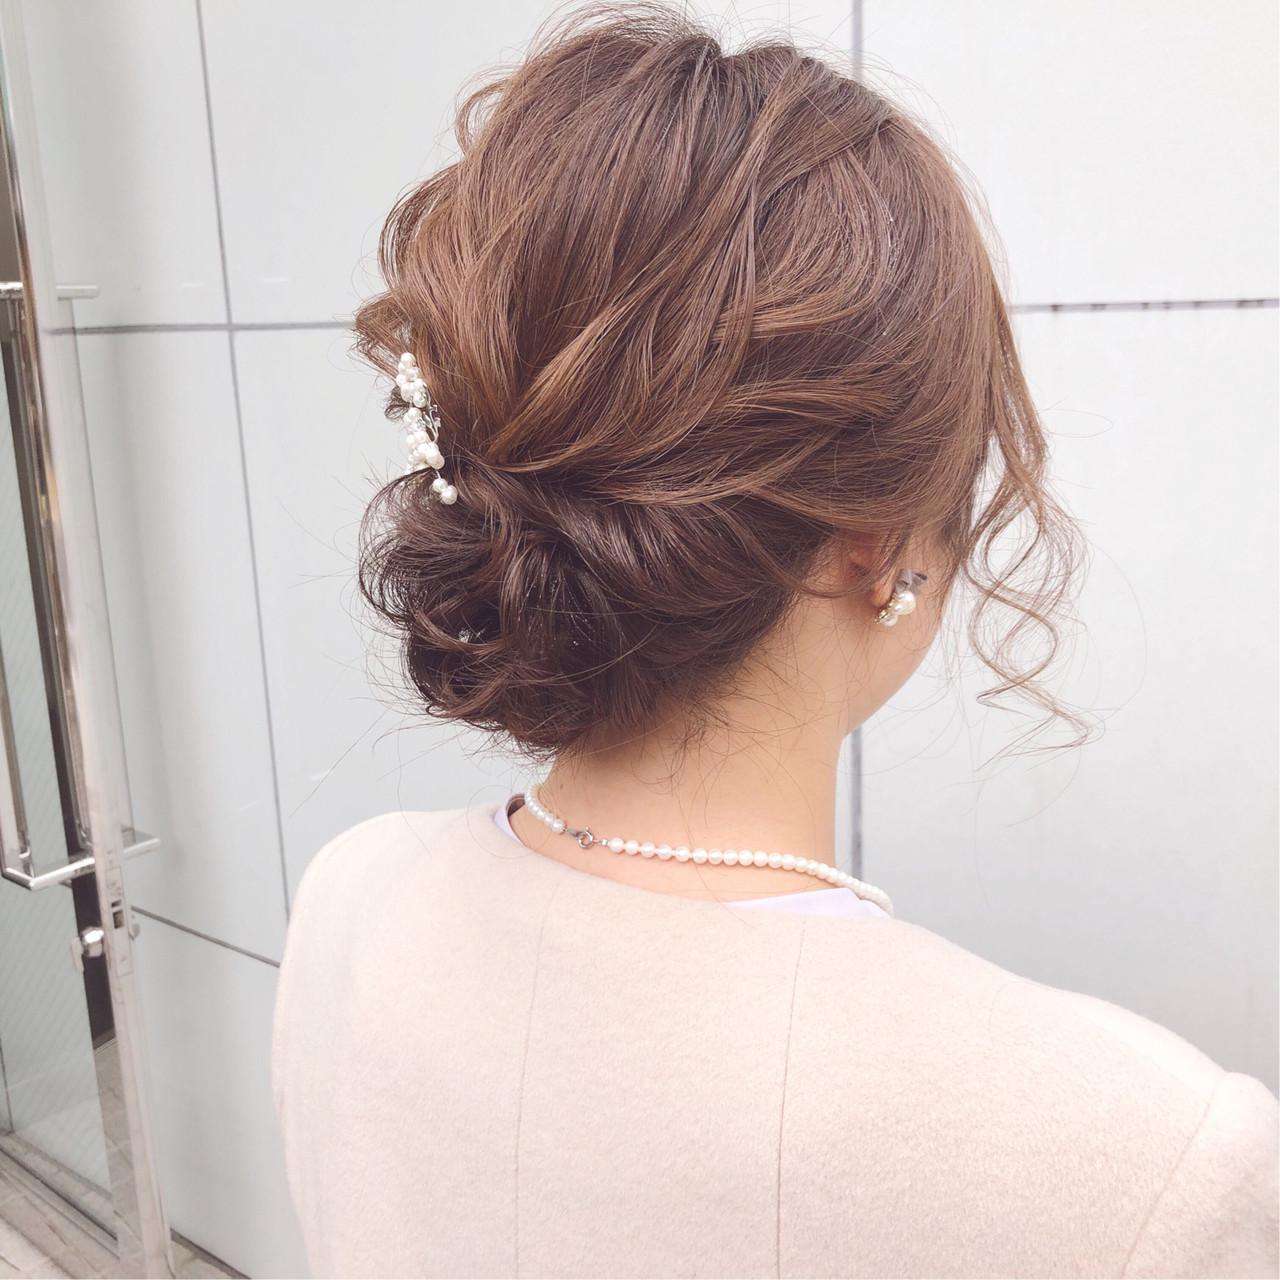 簡単ヘアアレンジ ナチュラル 結婚式 デート ヘアスタイルや髪型の写真・画像